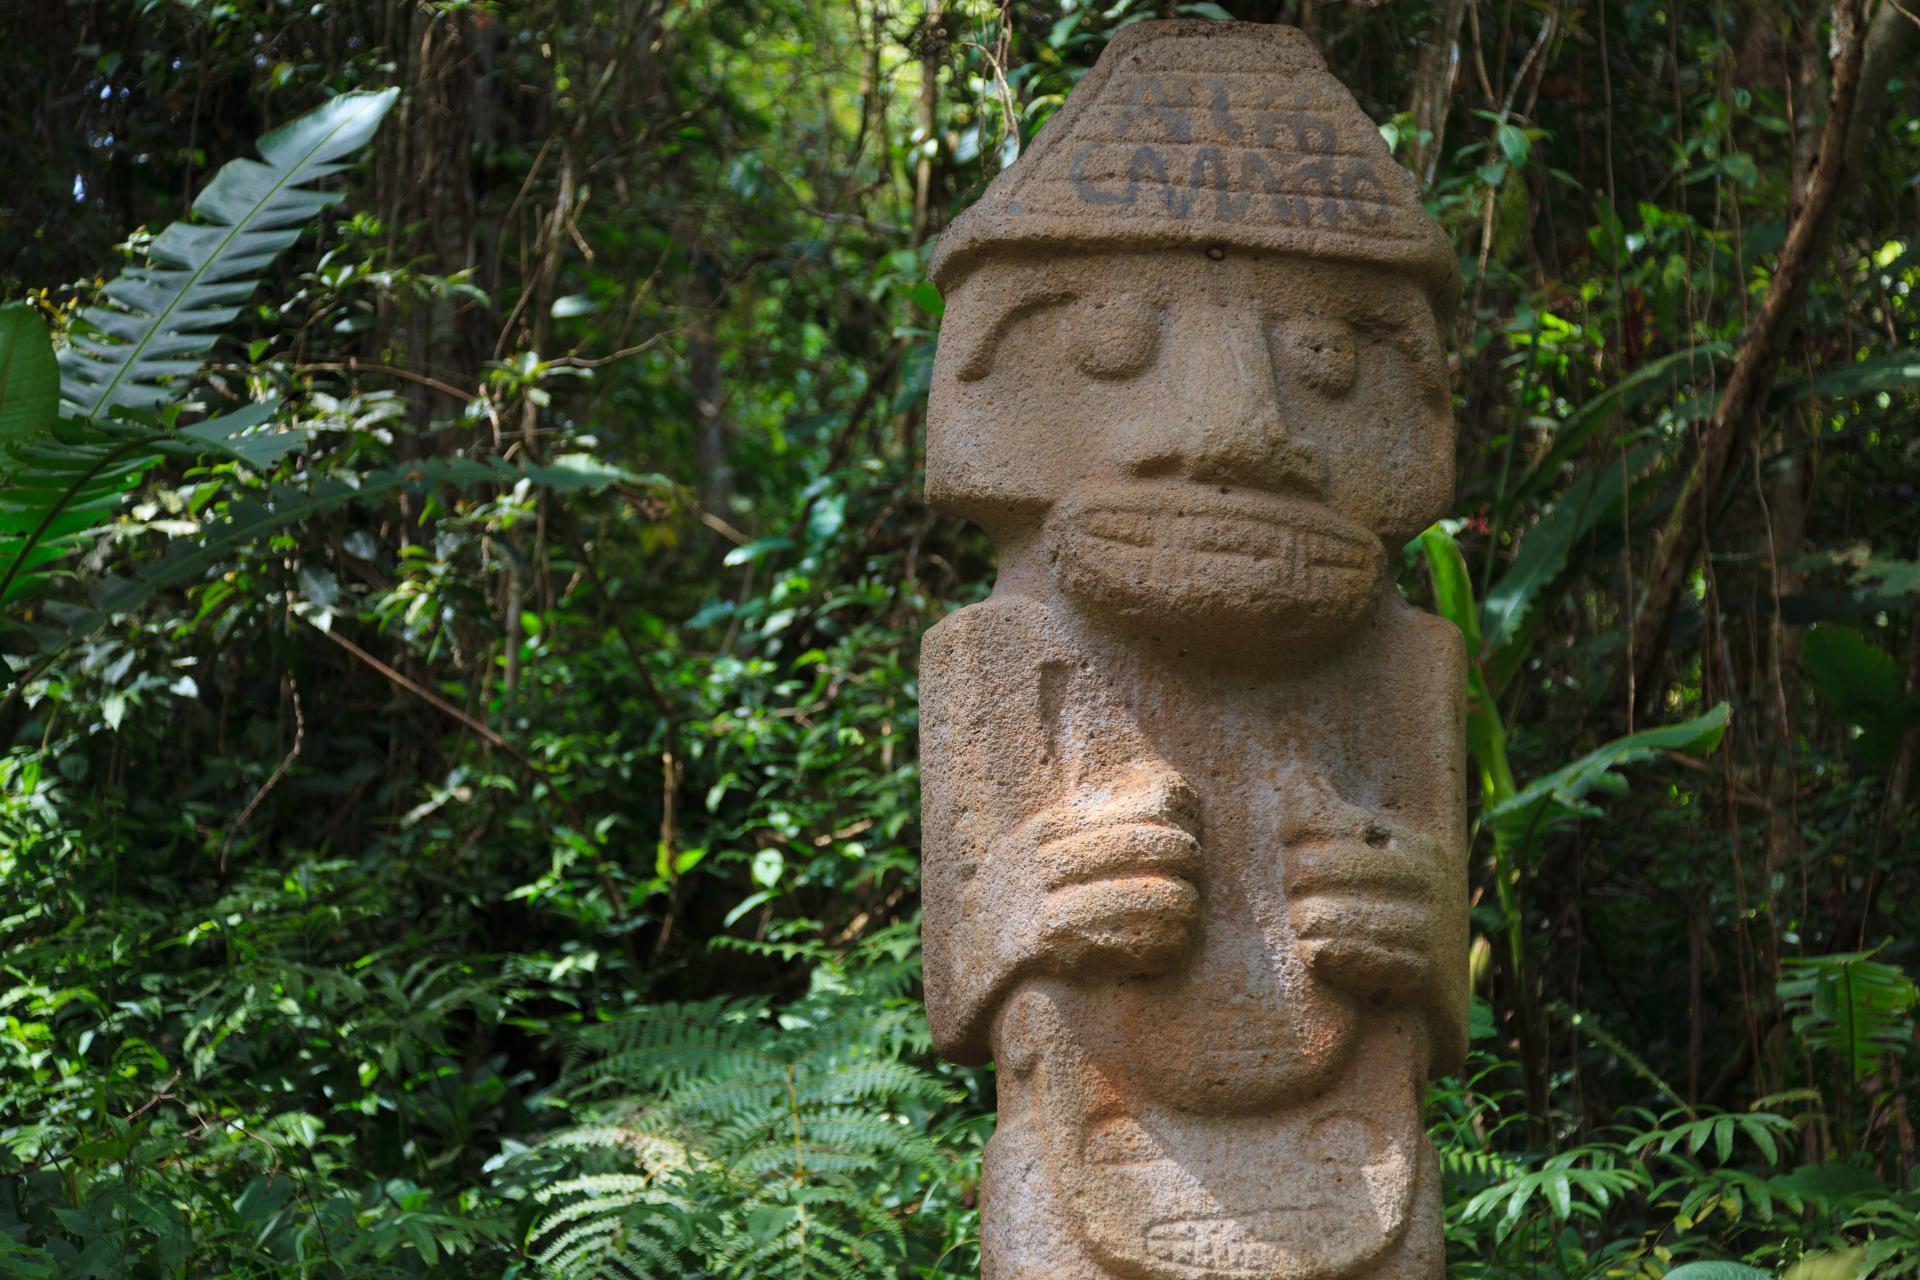 Besichtigen Sie die kulturellen Schätze der Ausgrabungsstätte San Agustin auf einer Rundreise in Kolumbien